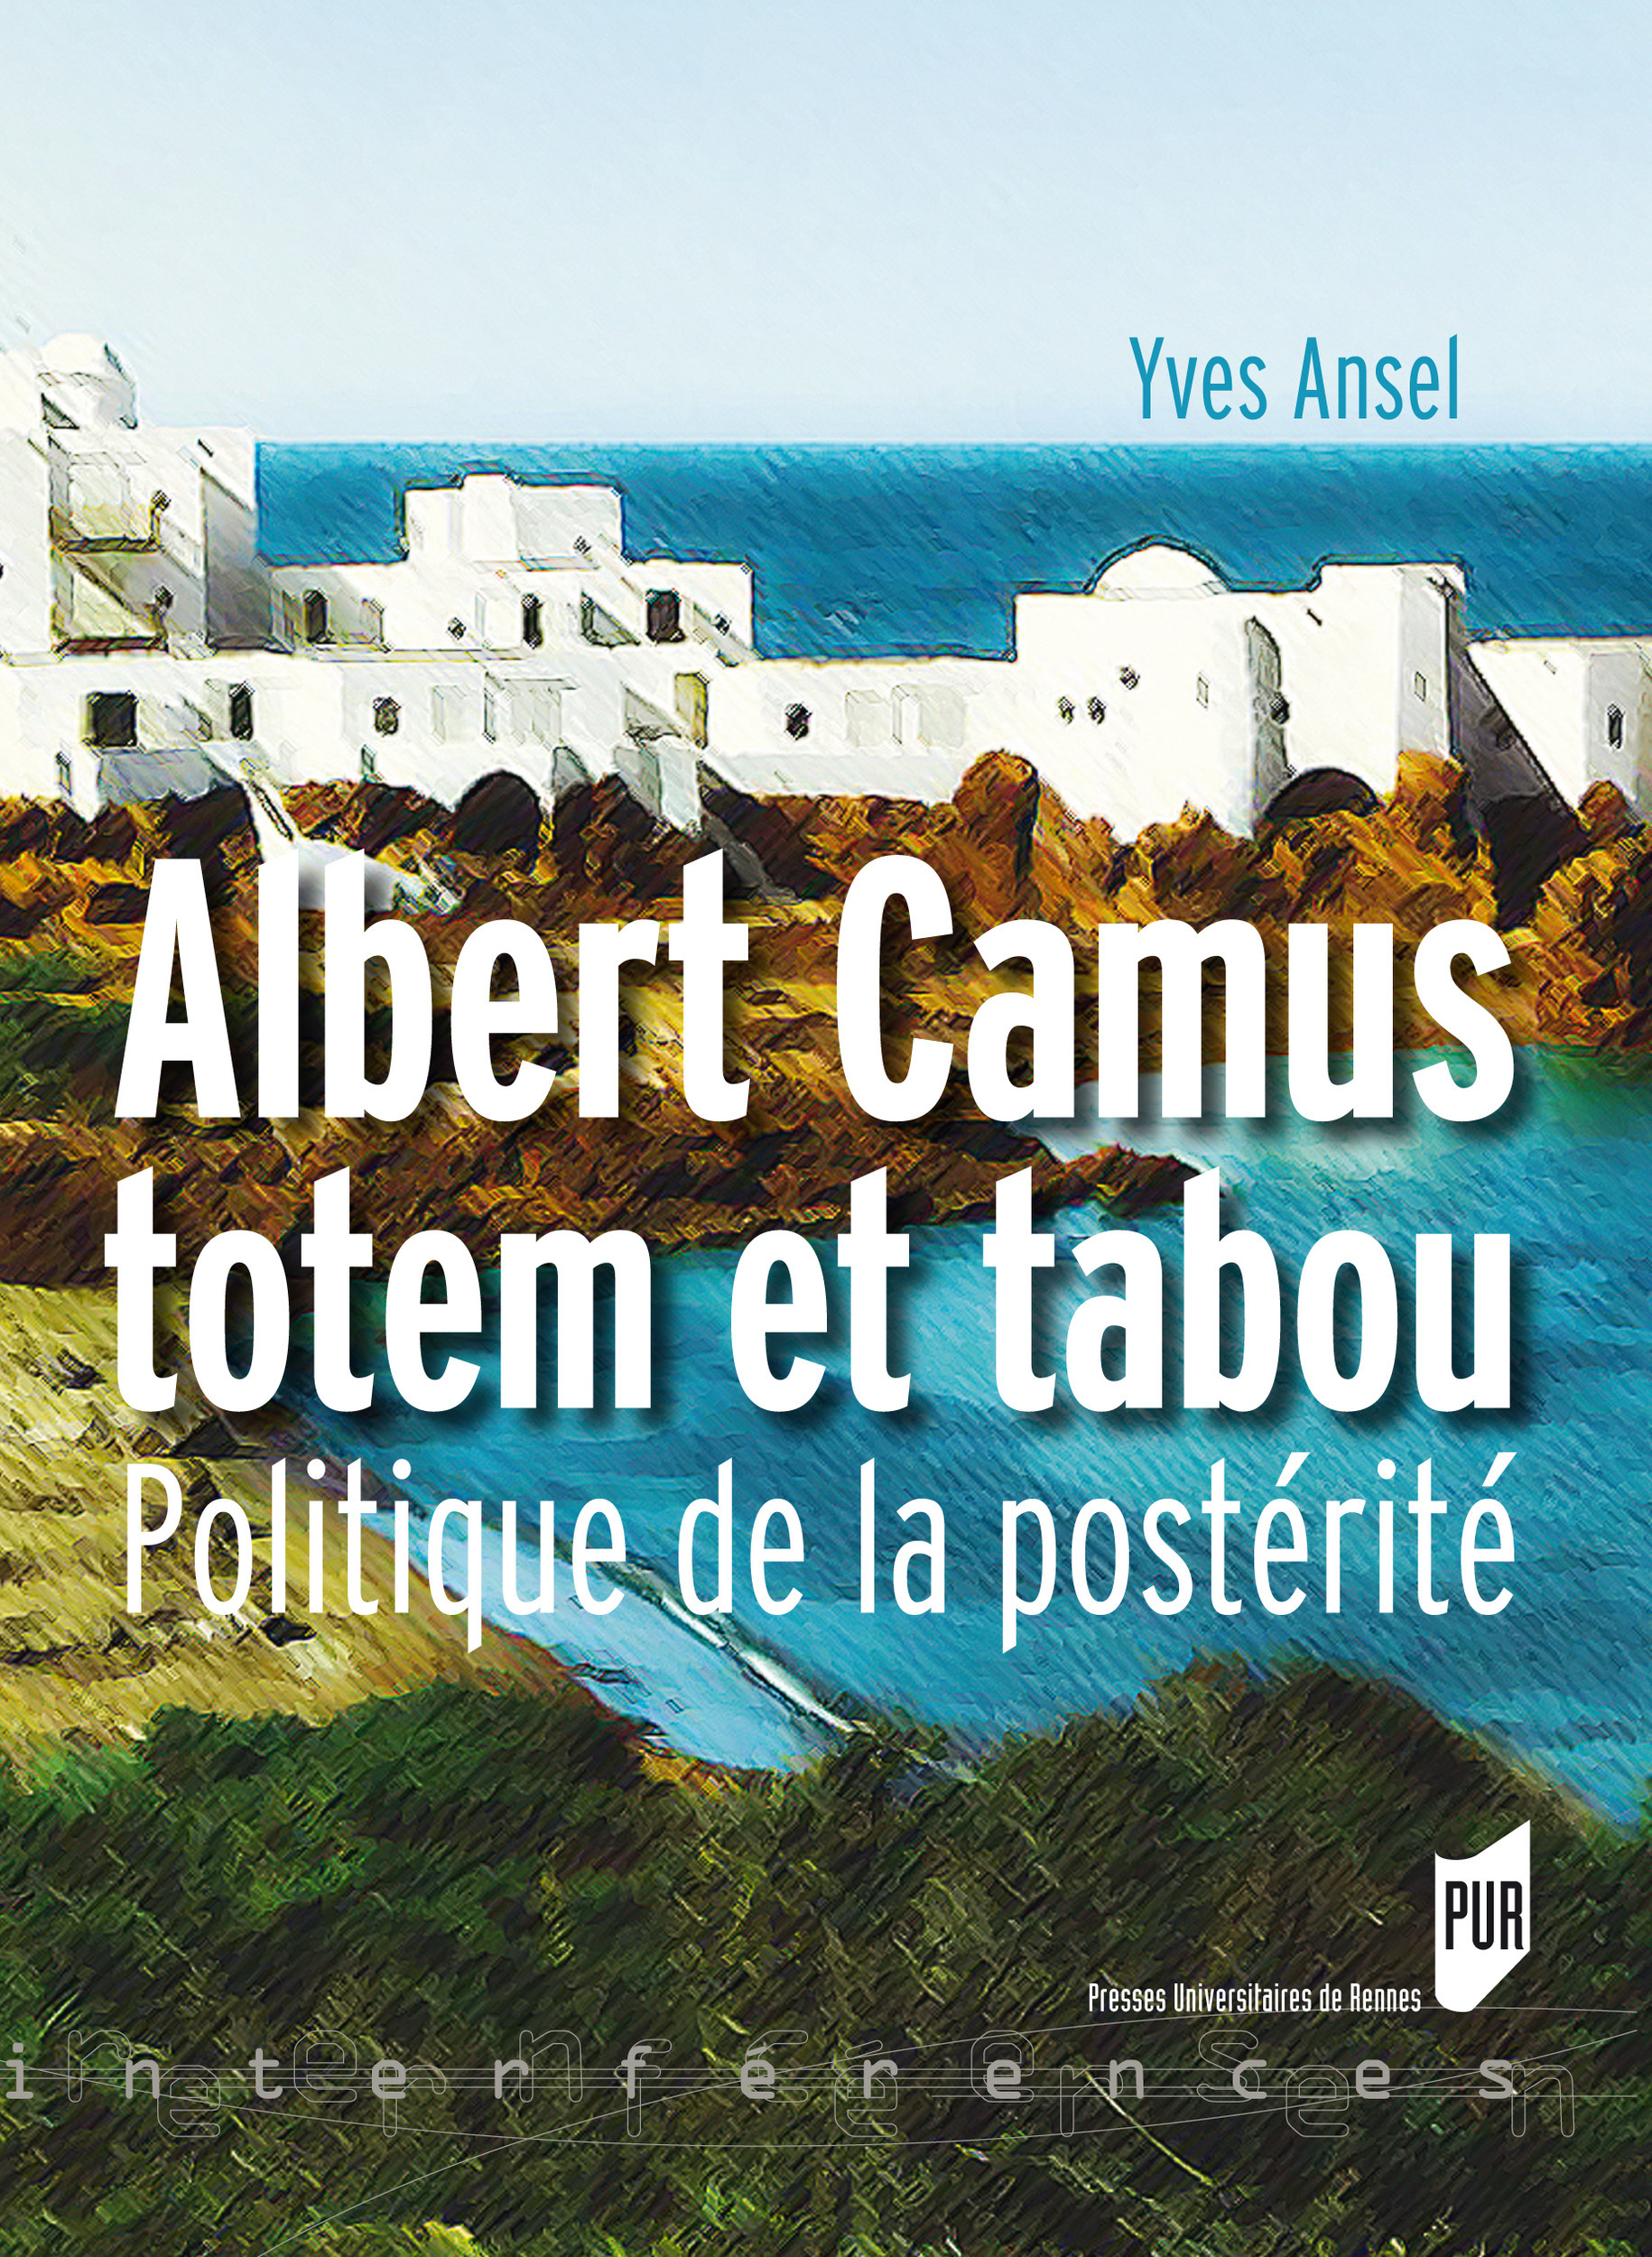 Albert Camus, totem et tabou  - Yves Ansel